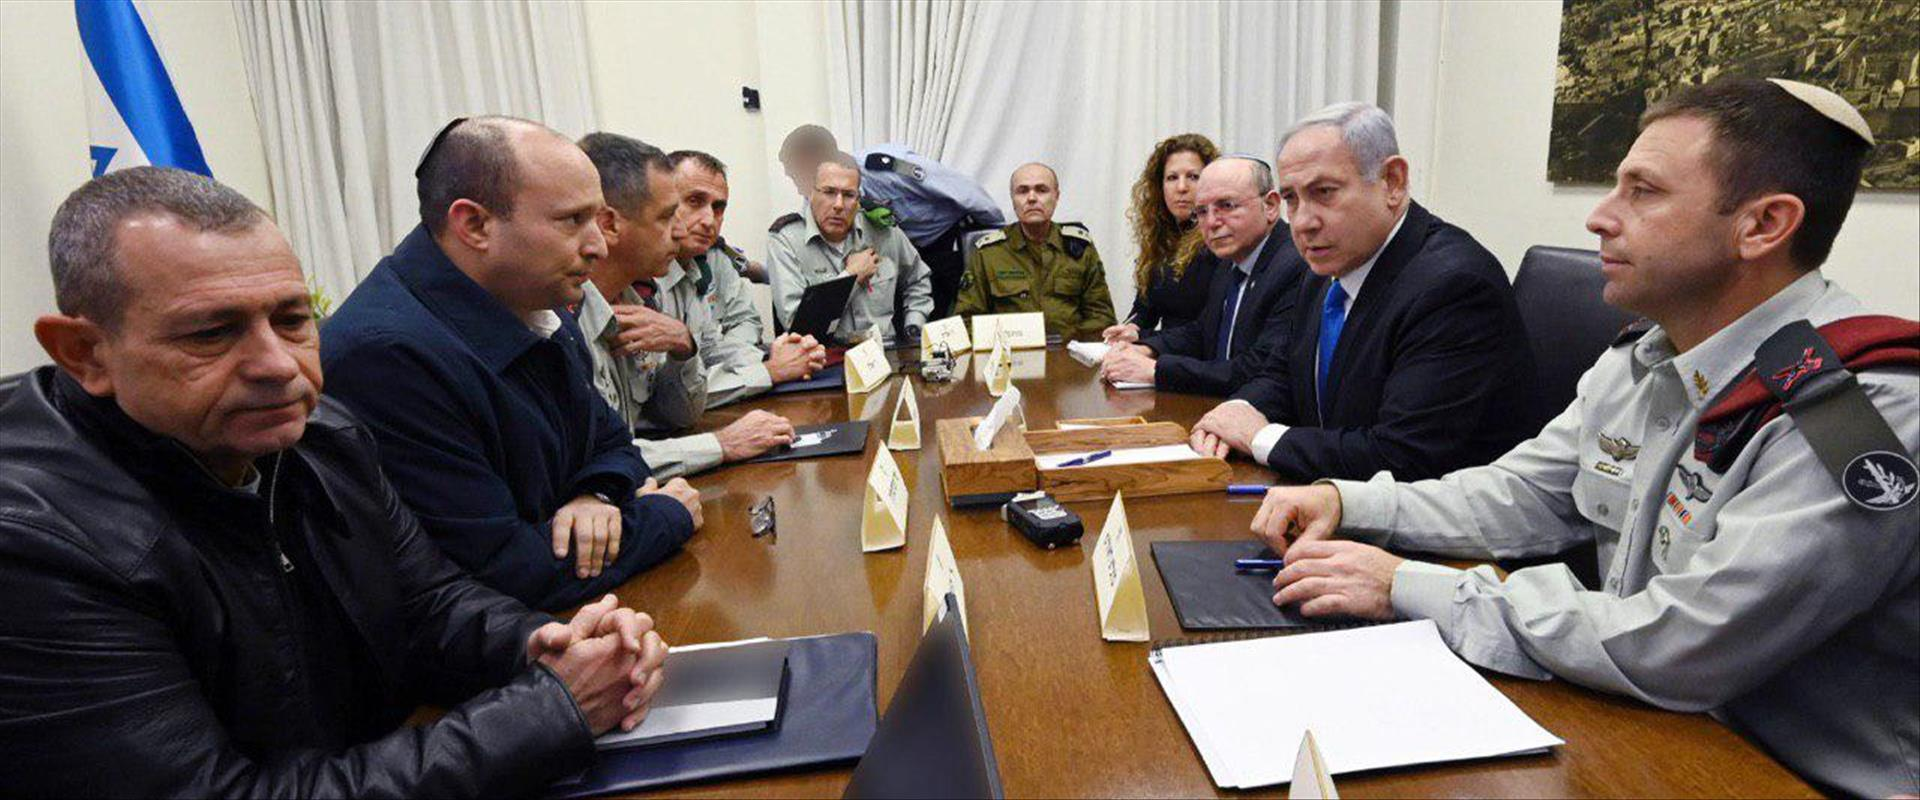 נתניהו ובנט בהתייעצות עם ראשי מערכת הביטחון